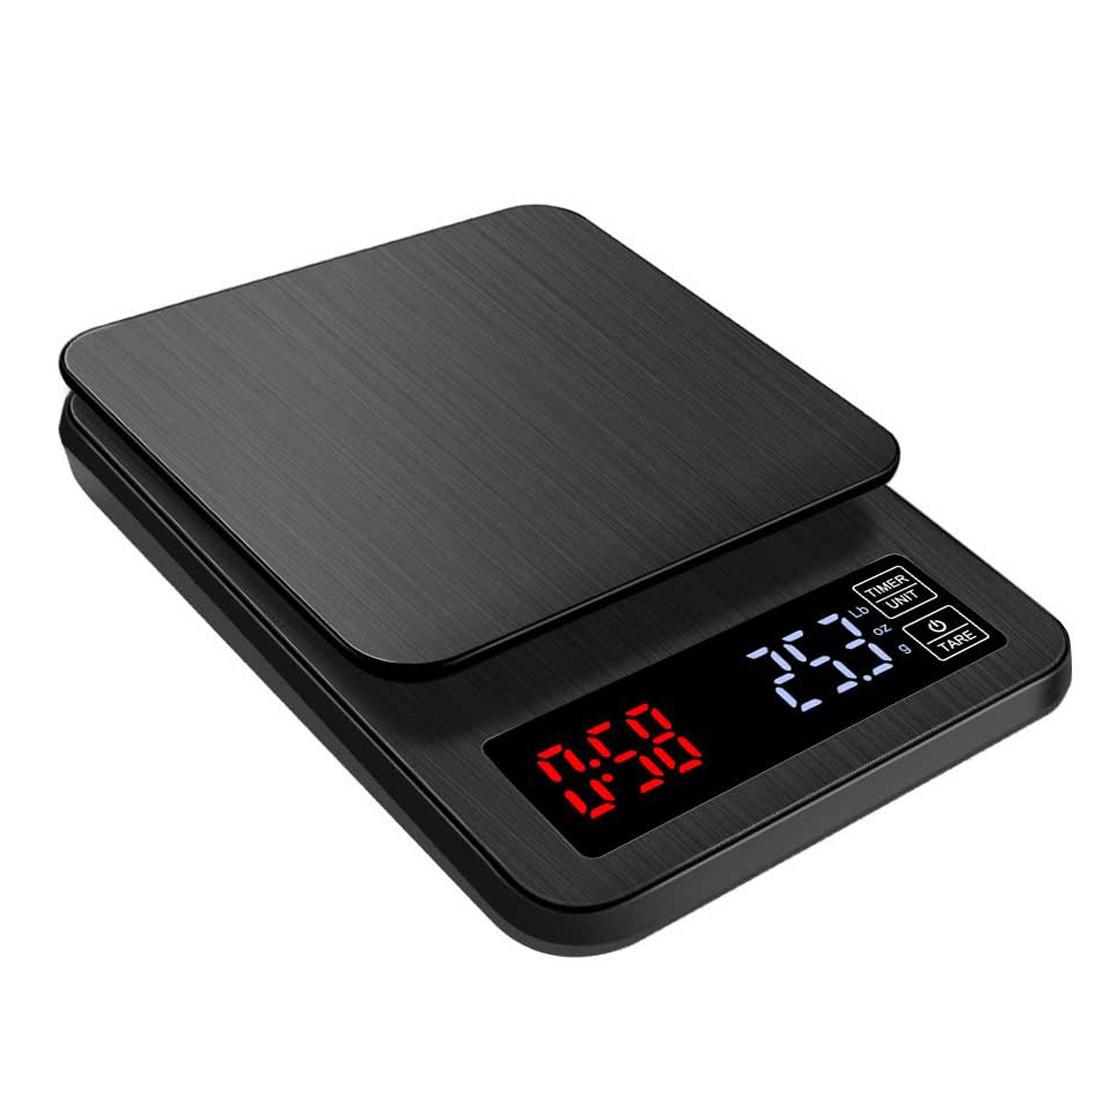 3/5/10kg 0.1g/0.01g LCD elektroniczna waga kuchenna gospodarstwa domowego równowagi gotowania narzędzie do pomiaru ze stali nierdzewnej ważenie cyfrowe żywności